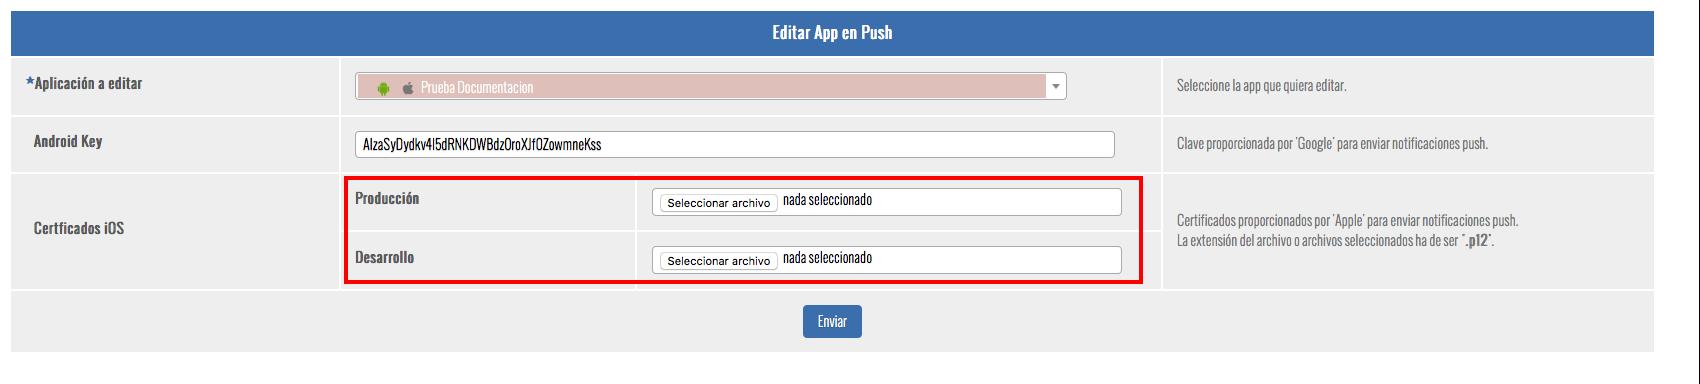 anadir_certificados_ios.png